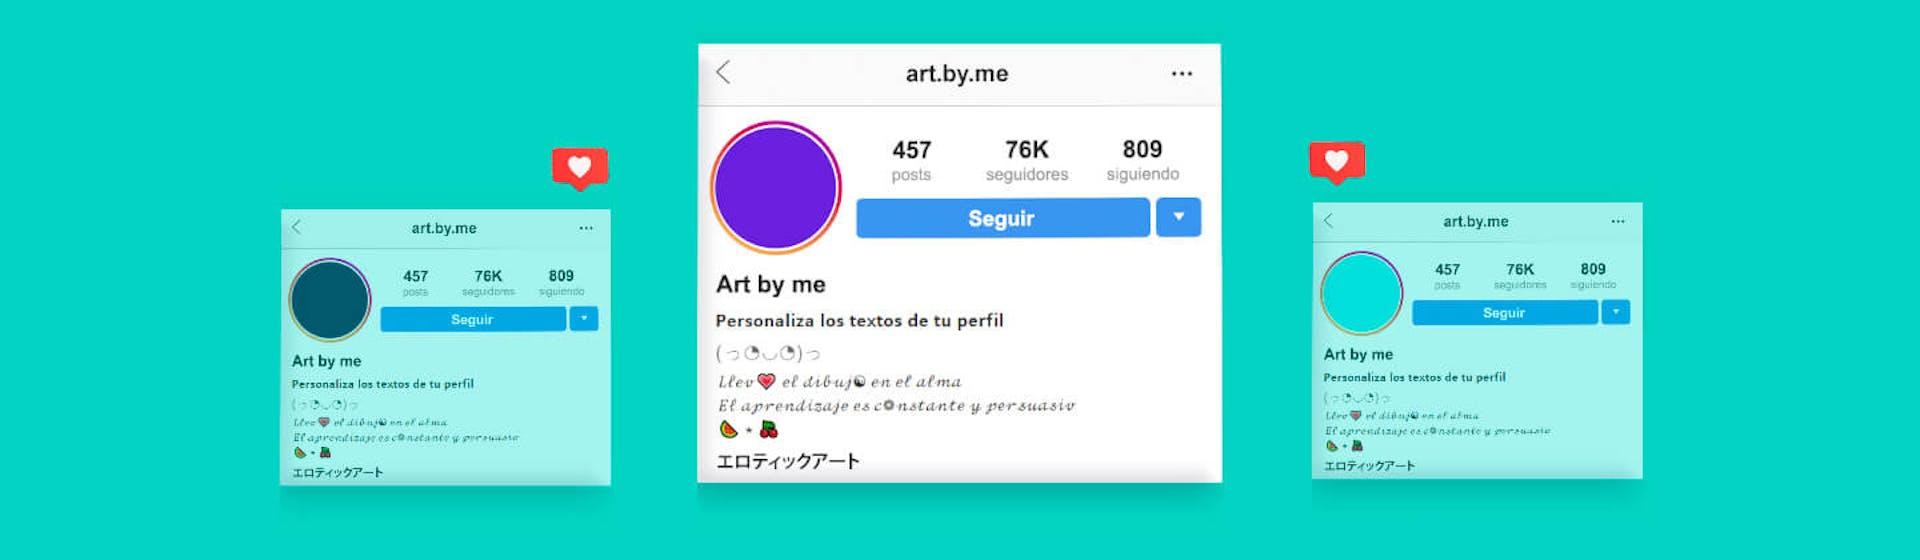 Letras para Instagram: ¿cómo cambiar la letra de mi bio y mis publicaciones?